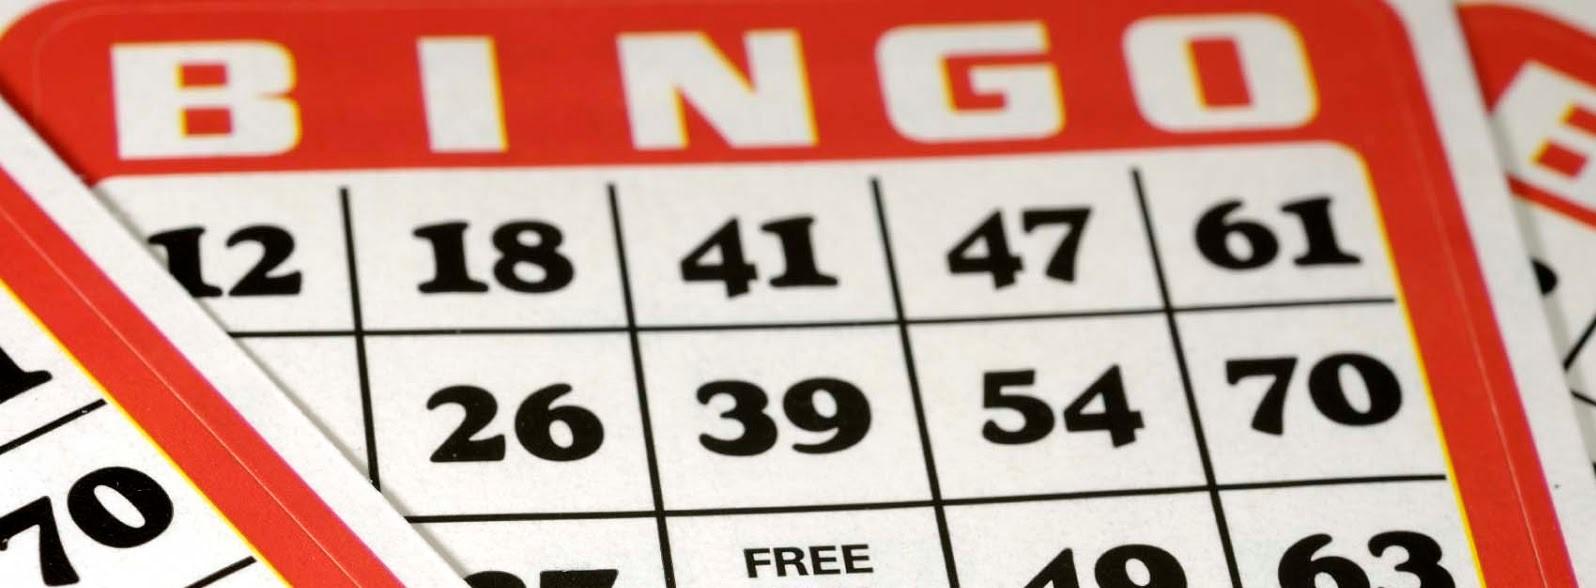 Bingo in het dorpshuis Hippolytushoef | Hollands Kroon Actueel - Hollands Kroon Actueel